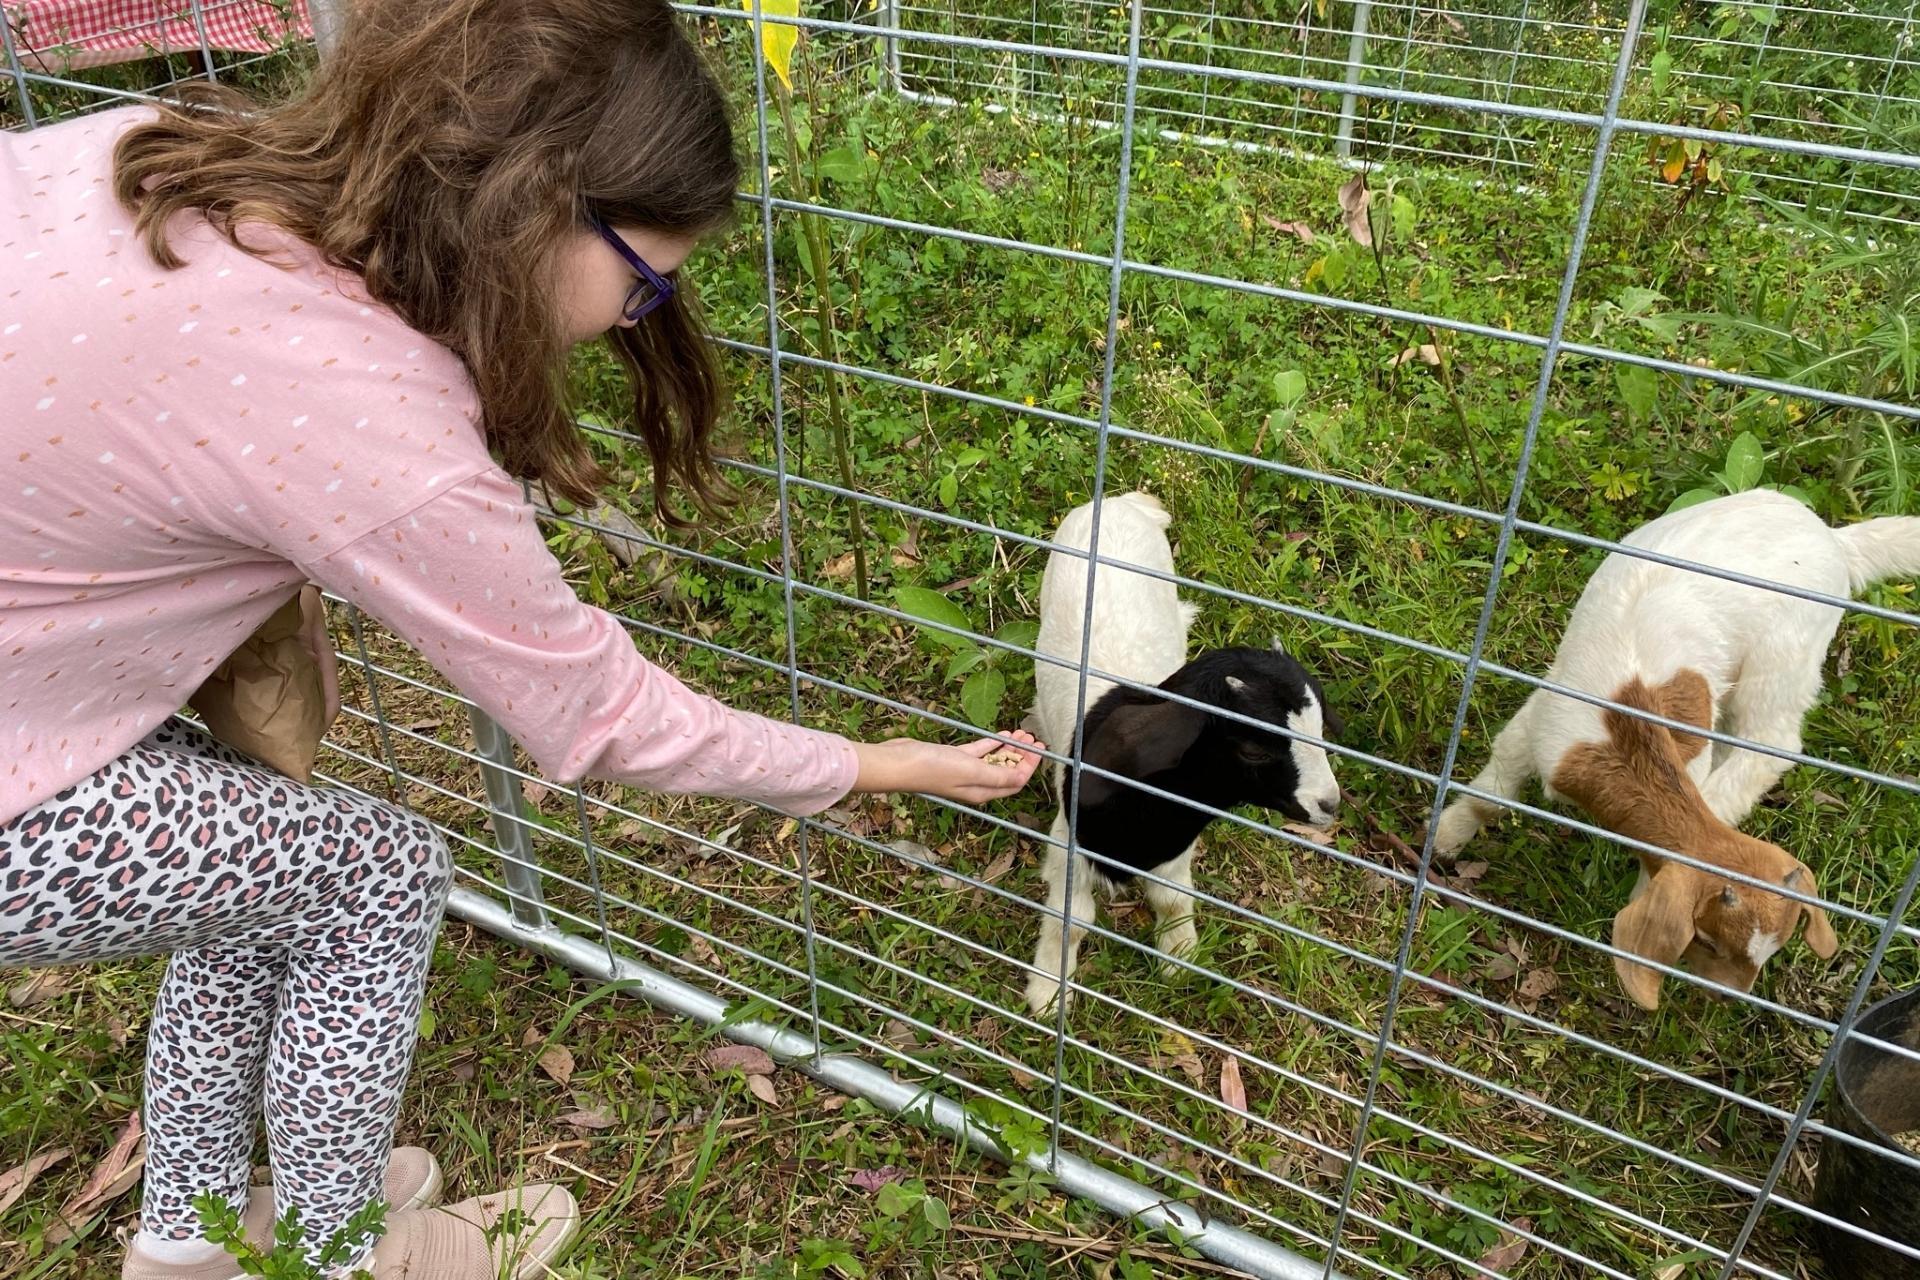 GROW Kids Farm Tour - Feeding the Baby Goats.